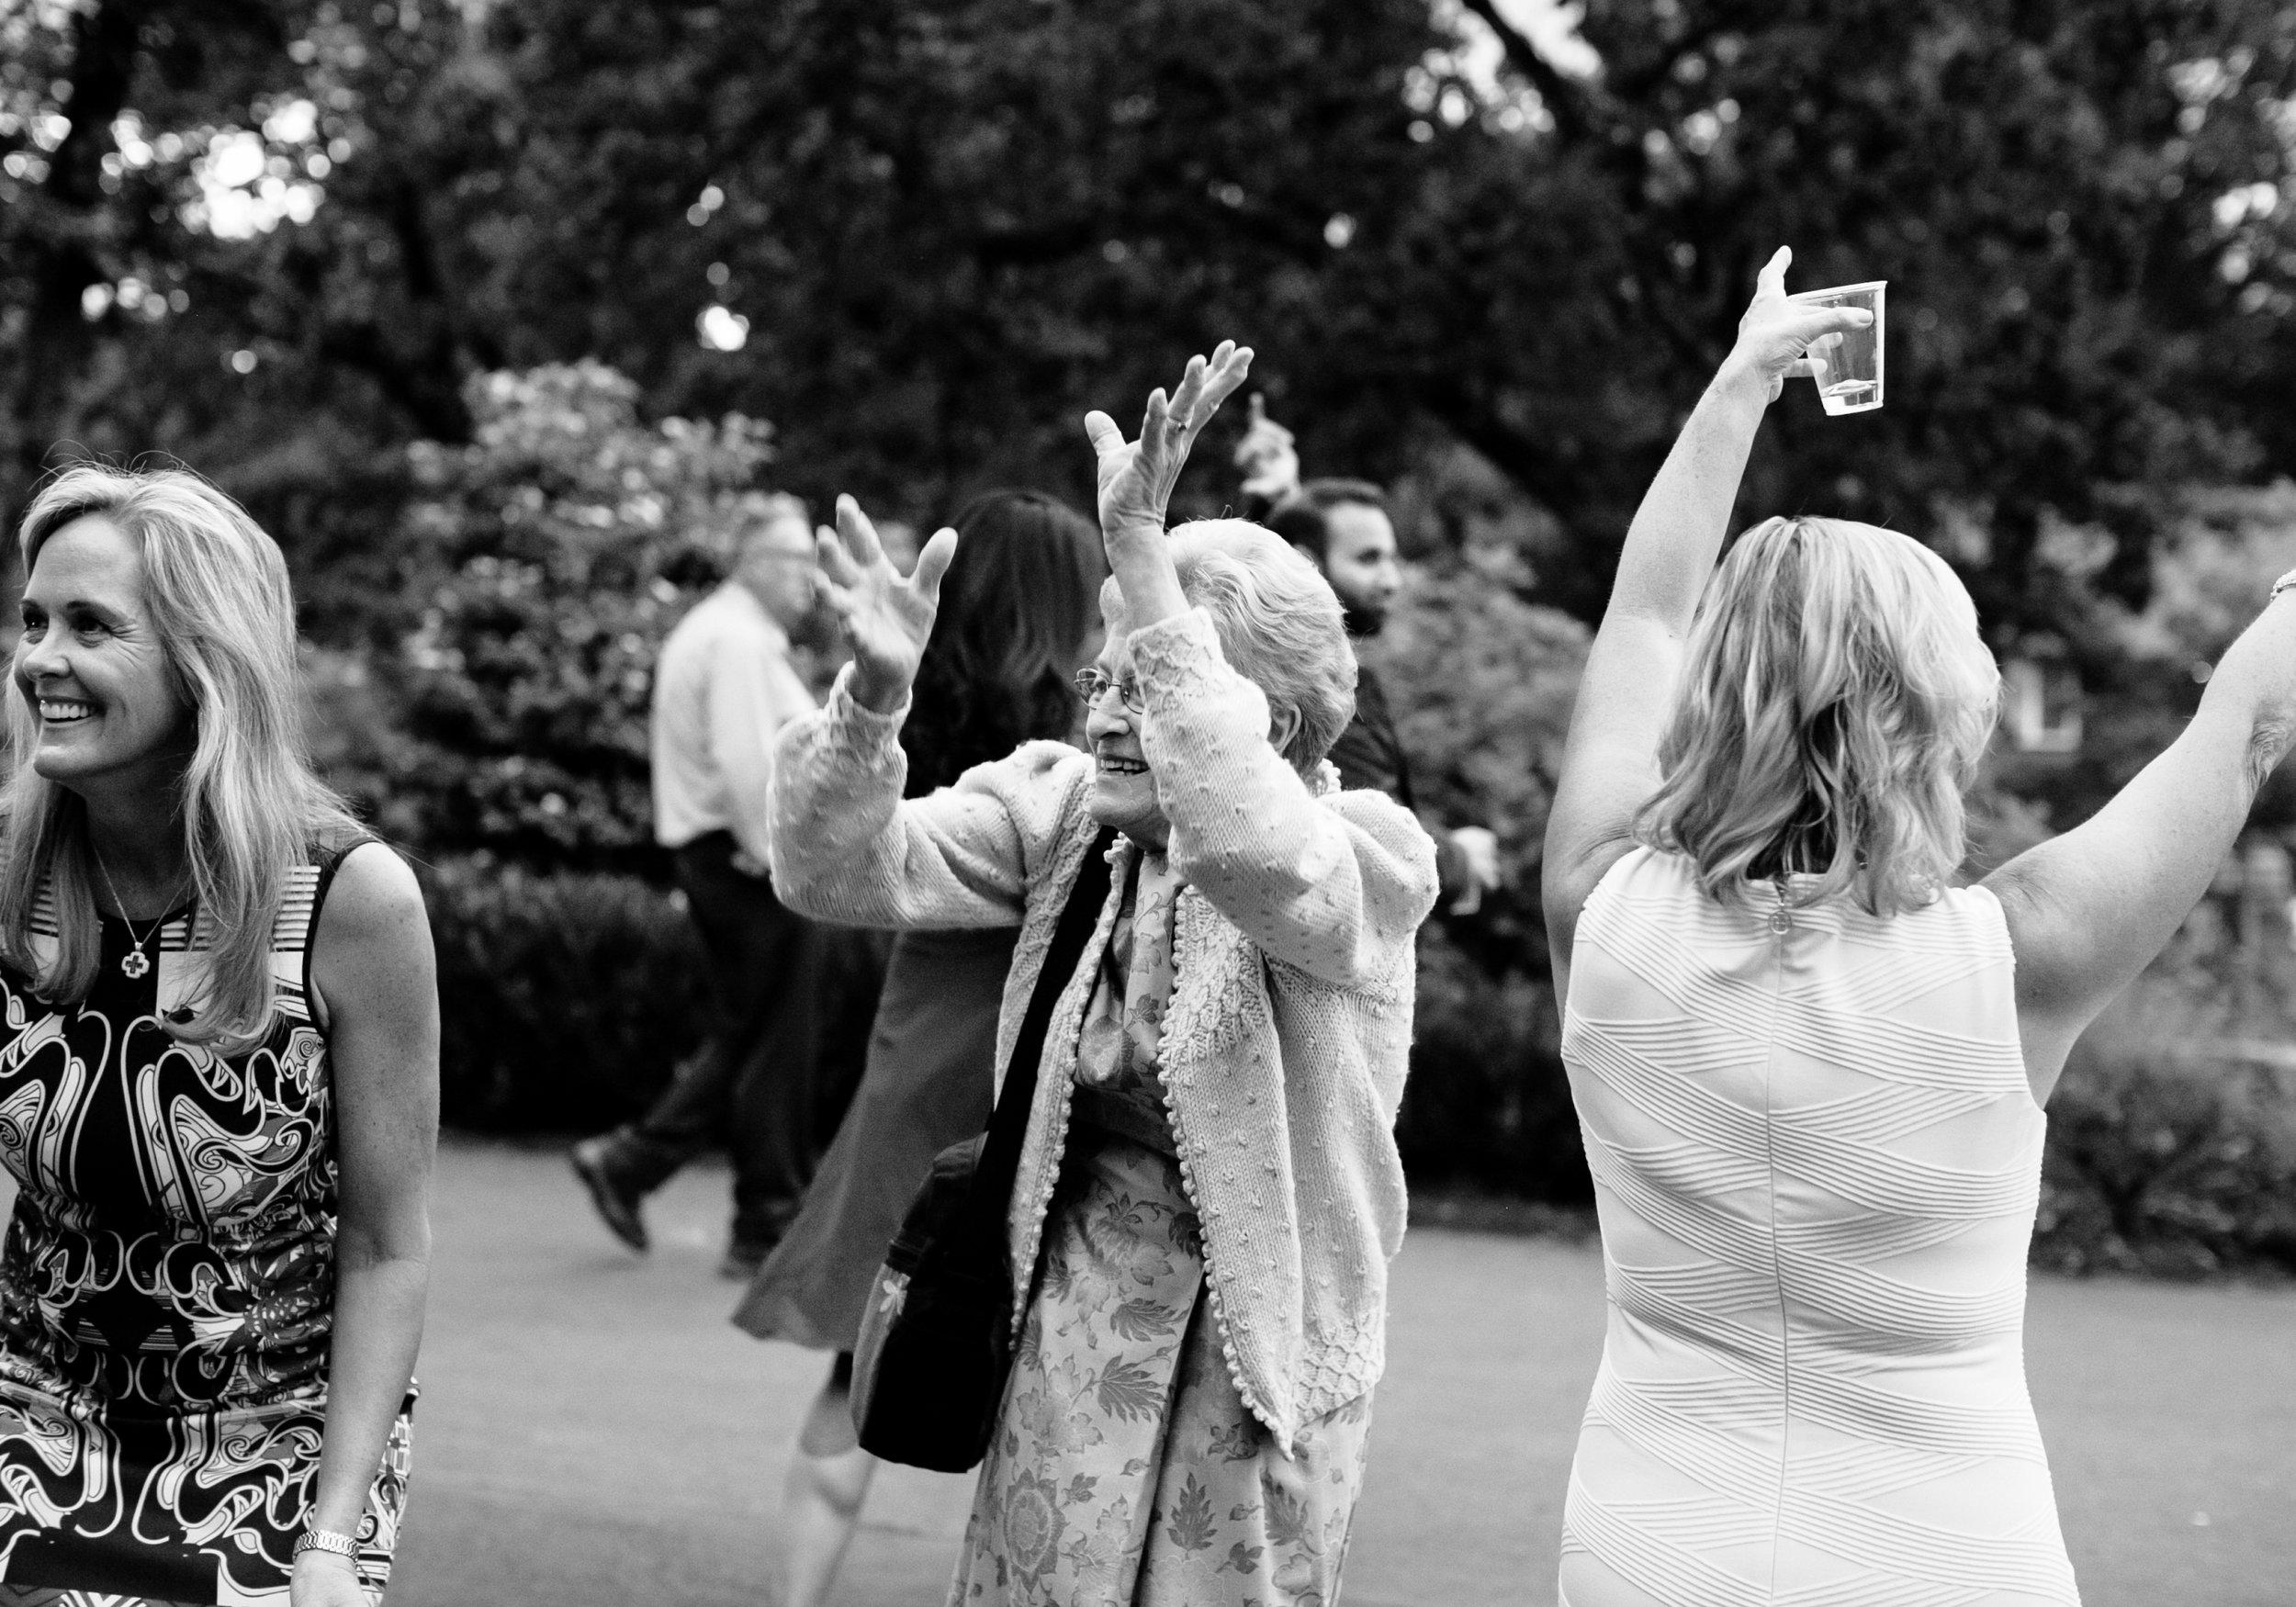 scholls-valley-lodge-wedding-photographer-ashley-courter0024.JPG